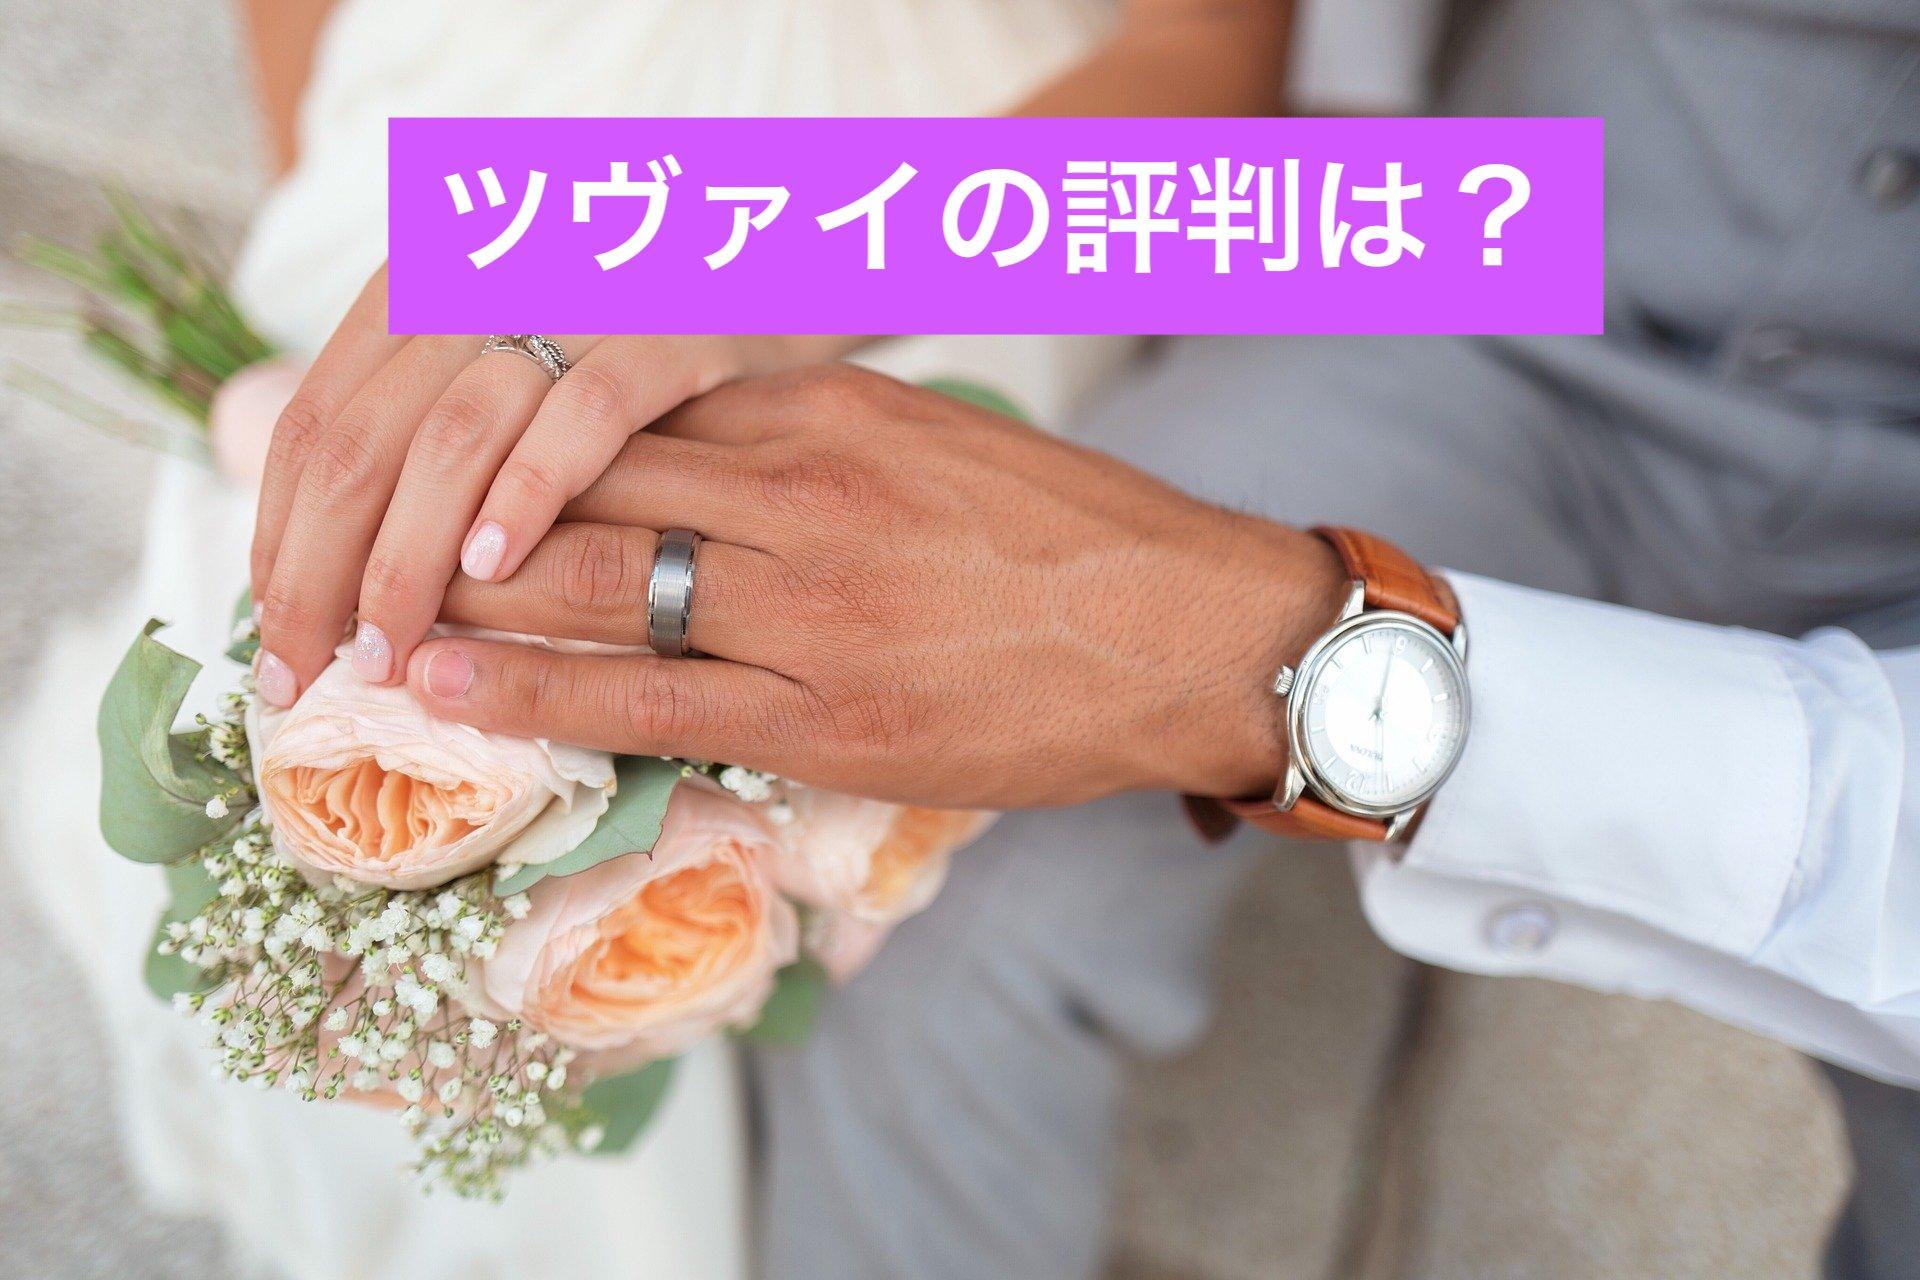 ツヴァイ(zwei)口コミや評判は良い?費用や会員の本音から結婚できるか徹底検証